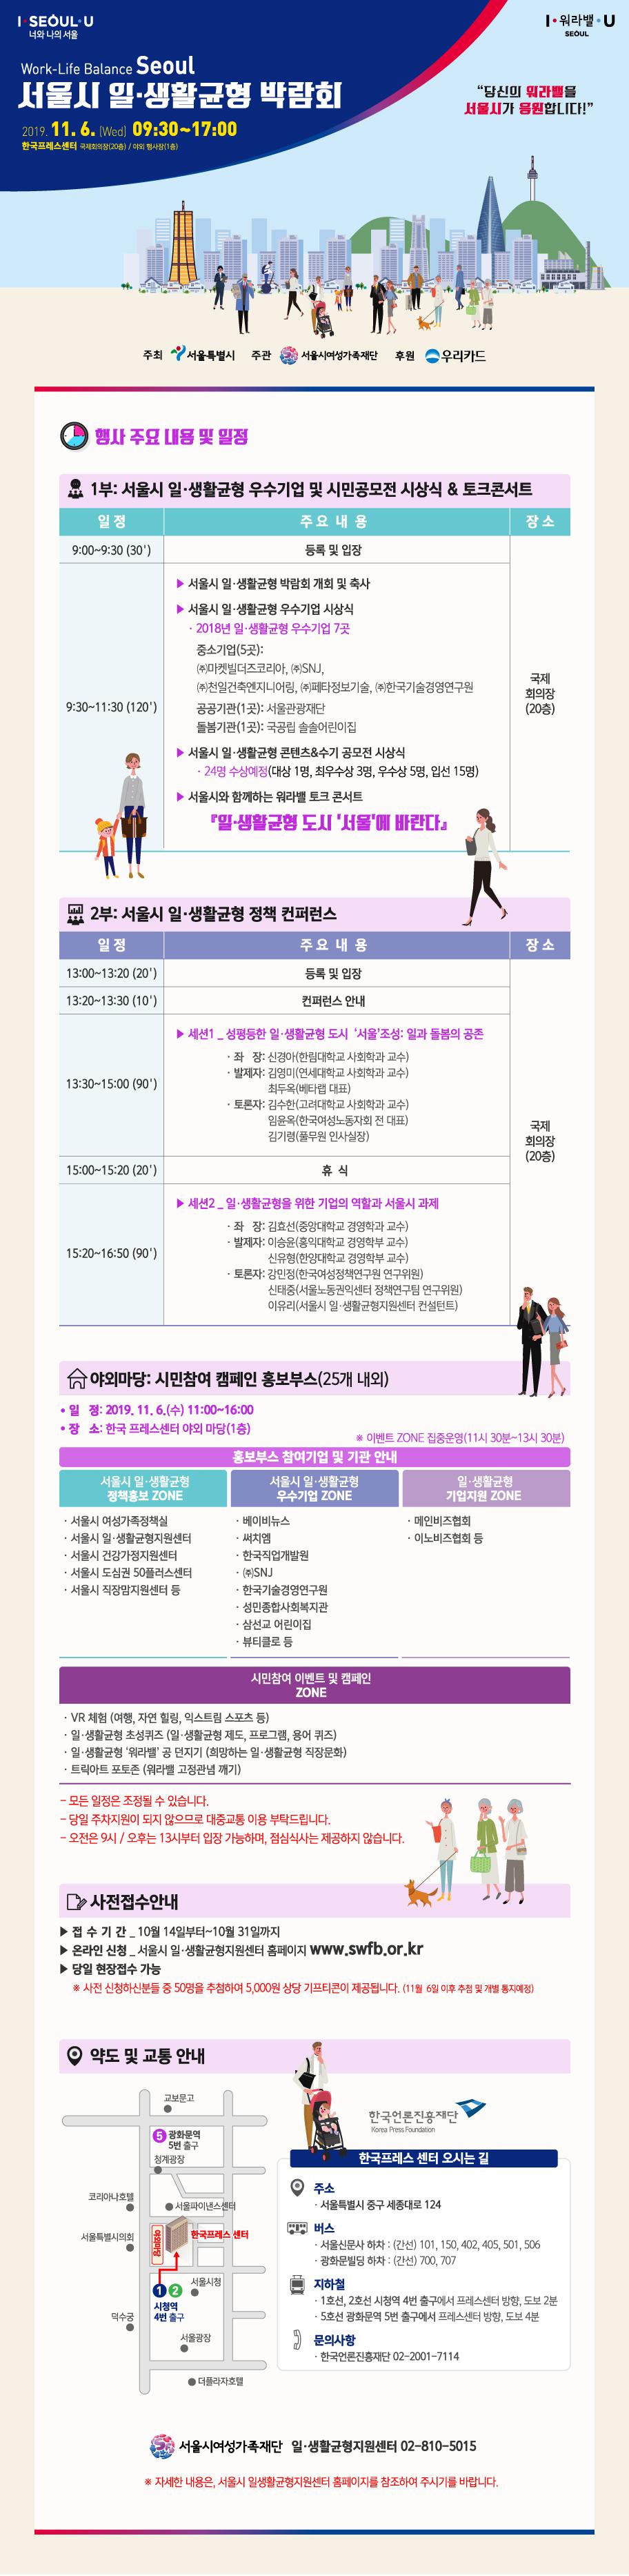 서울시-워라밸-박람회-상세페이지(최종).jpg